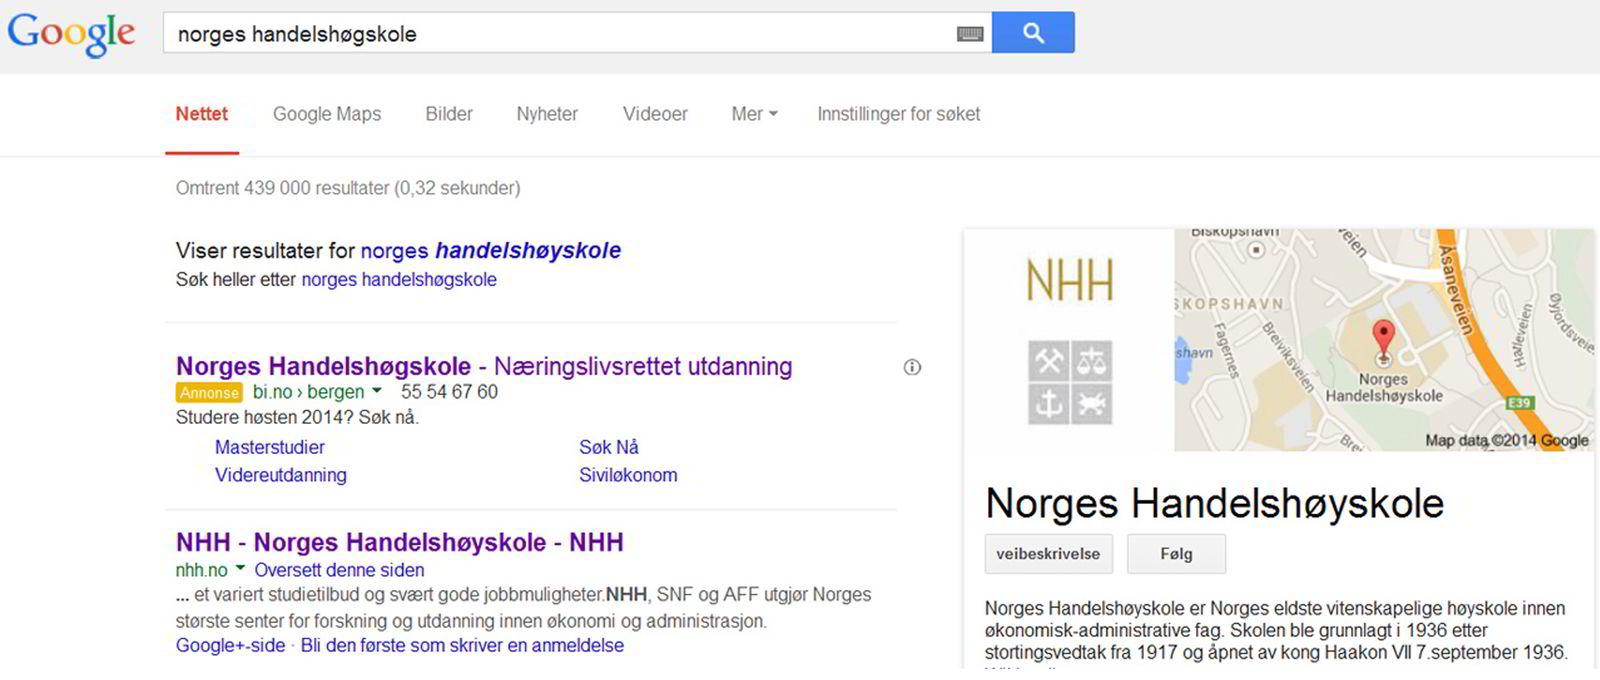 MED G, IKKE Y. Feilstaver man Norges Handelshøyskole, dukker BI opp på Googles førsteplass.